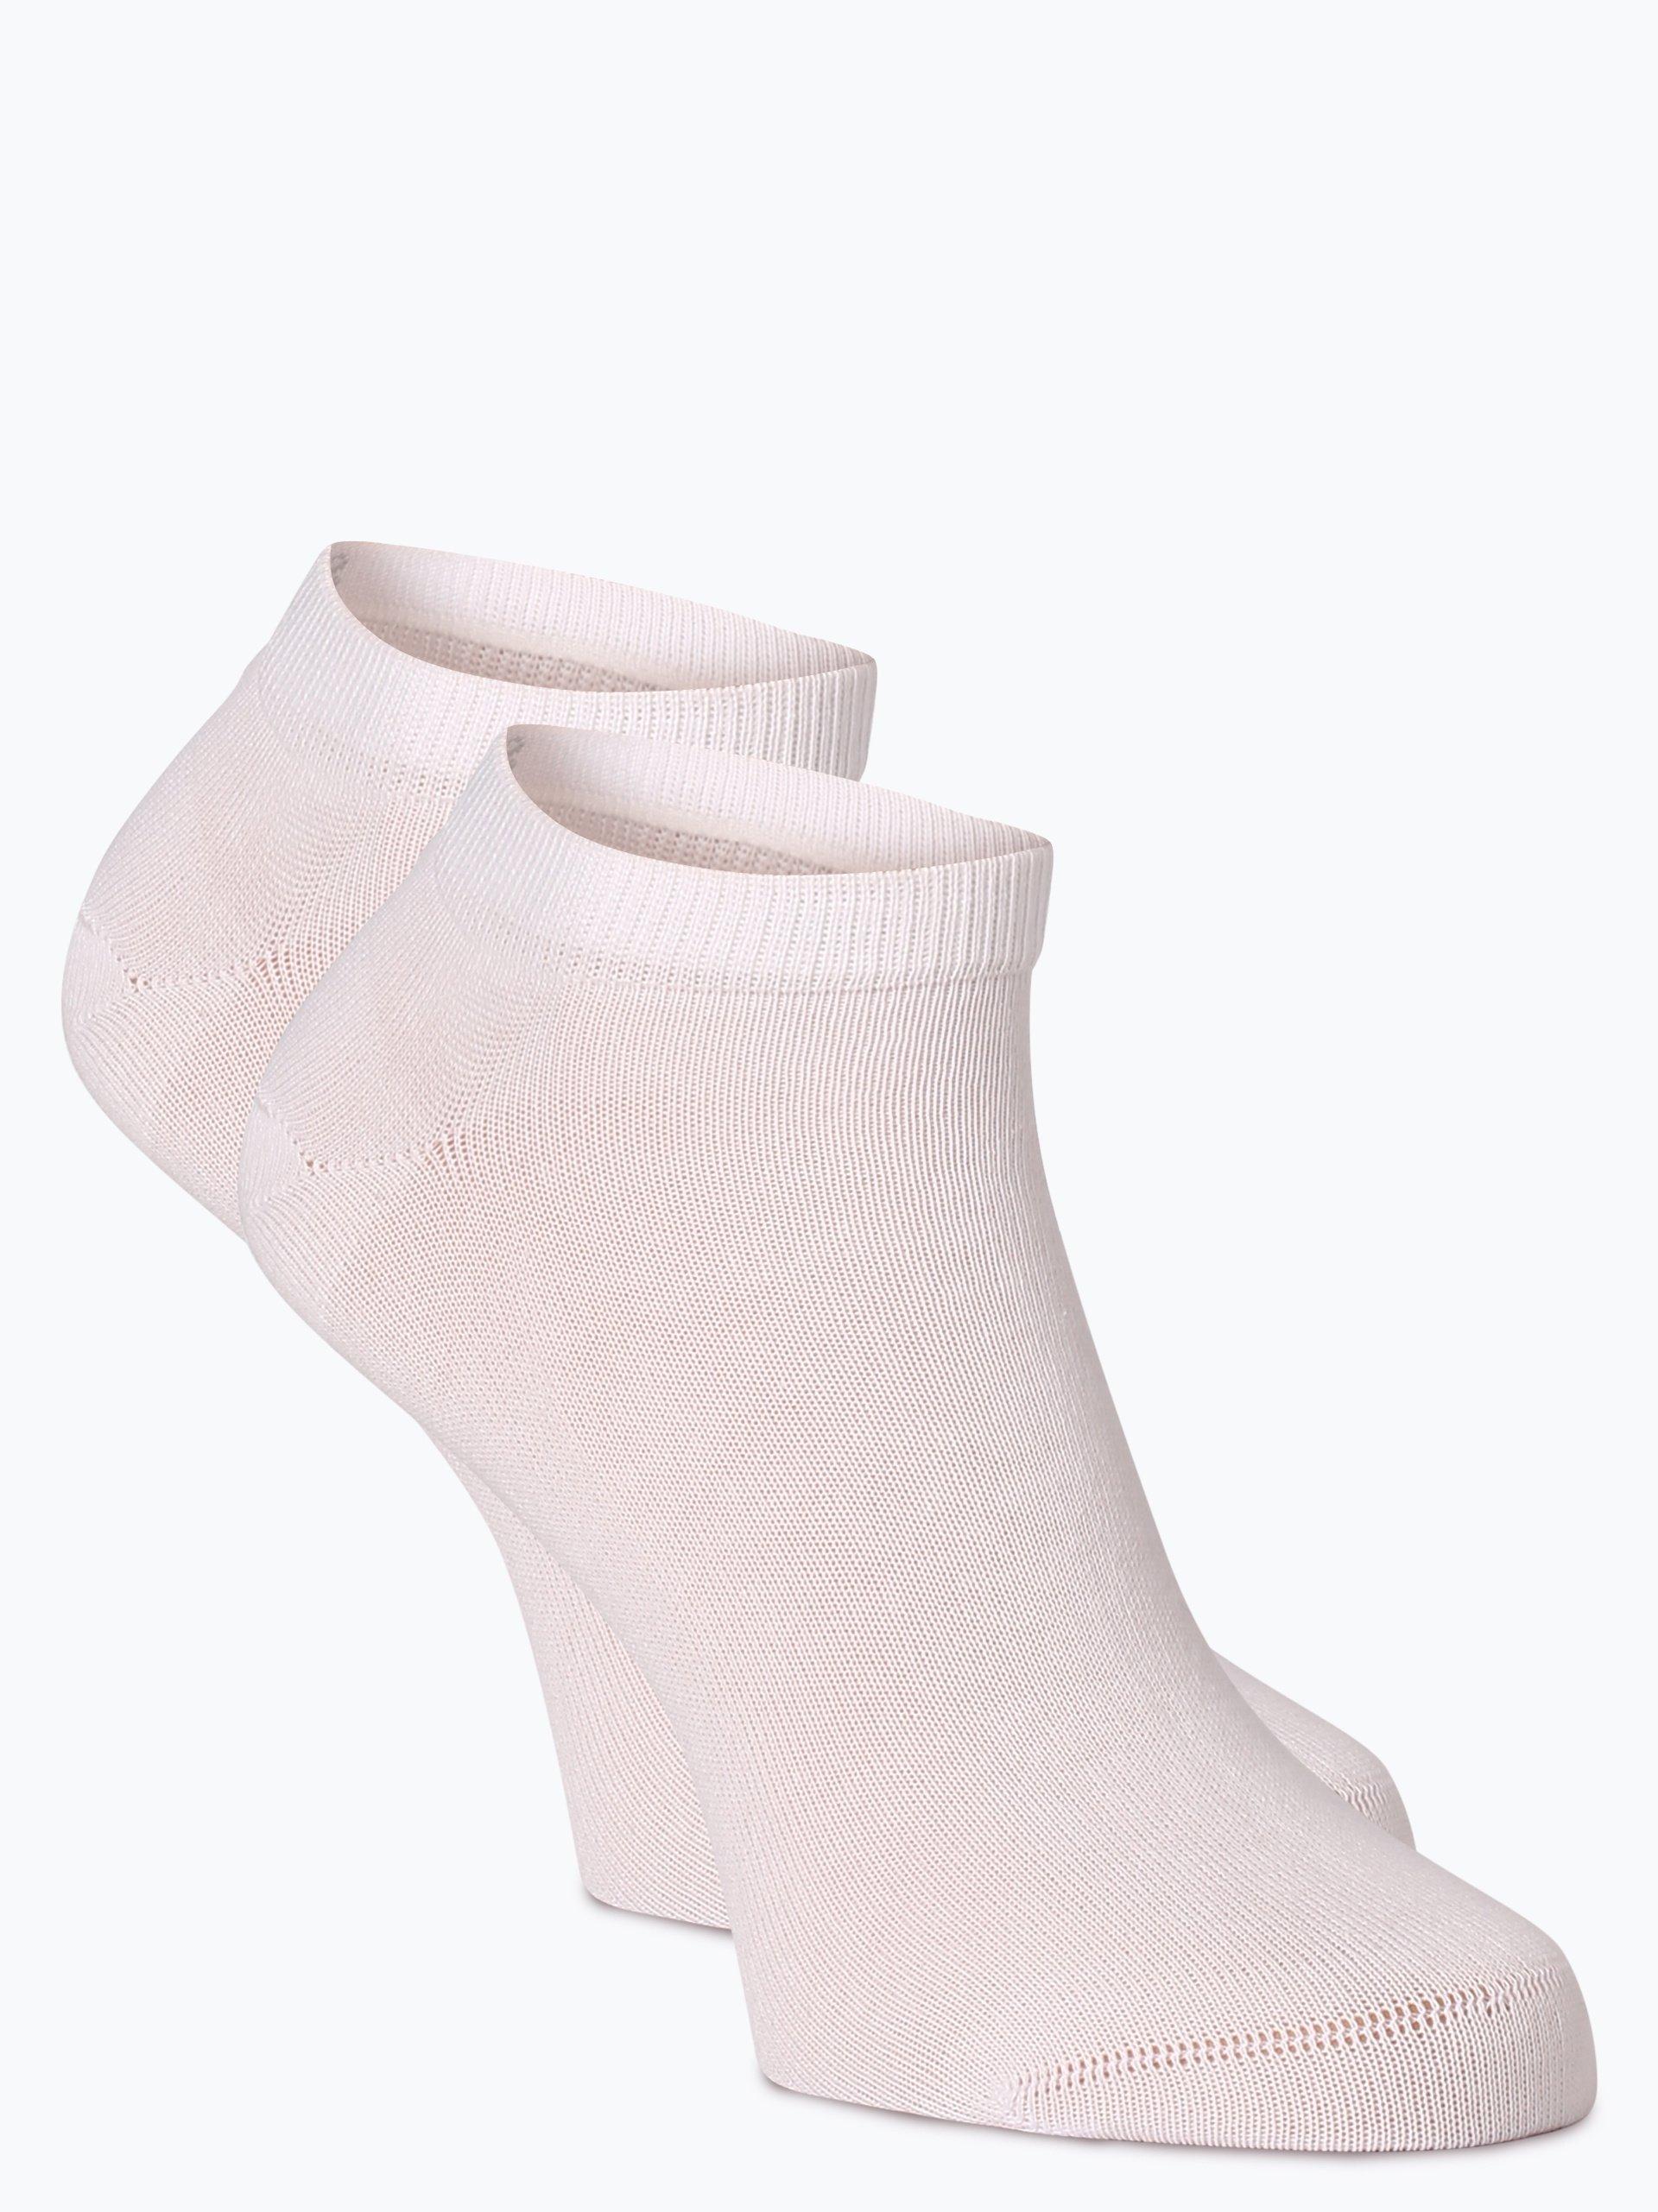 Tommy Hilfiger Jungen Socken im 2er-Pack